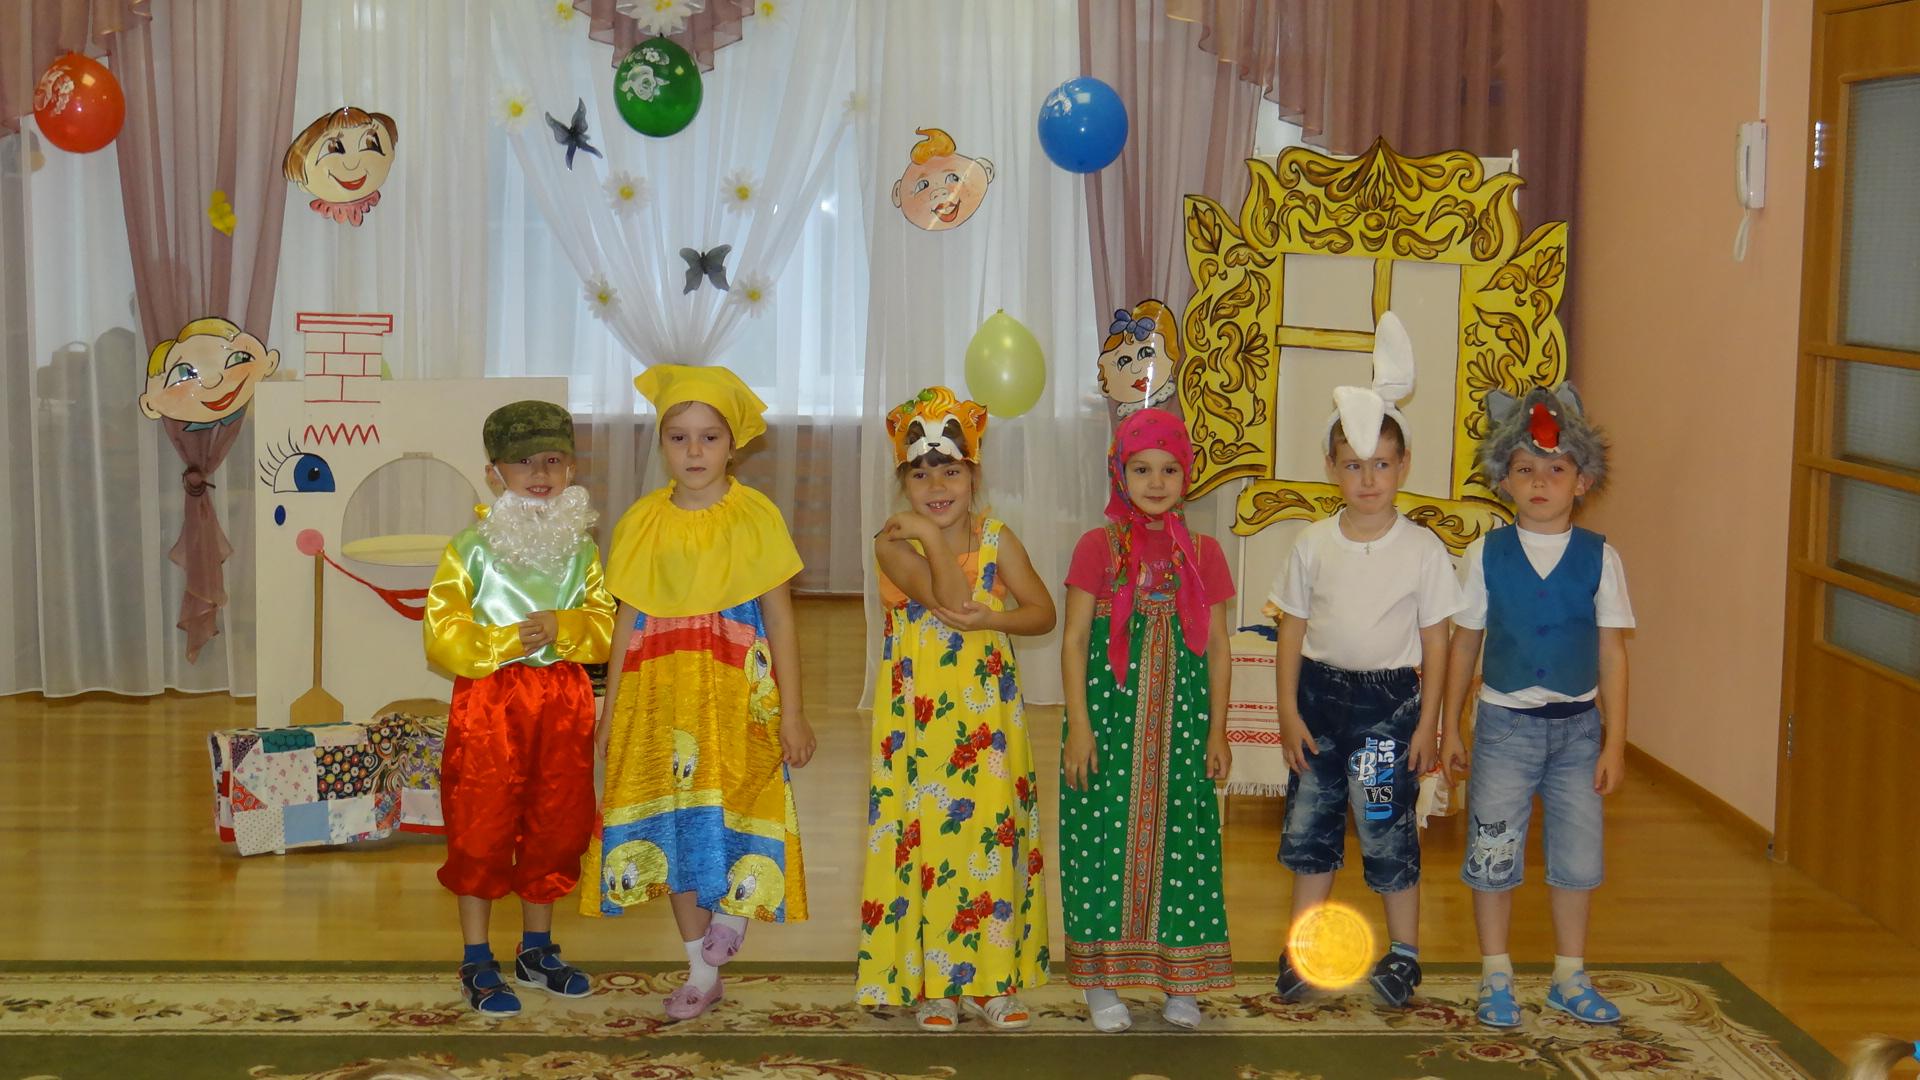 Сценарий сказки для инсценировки в детском саду